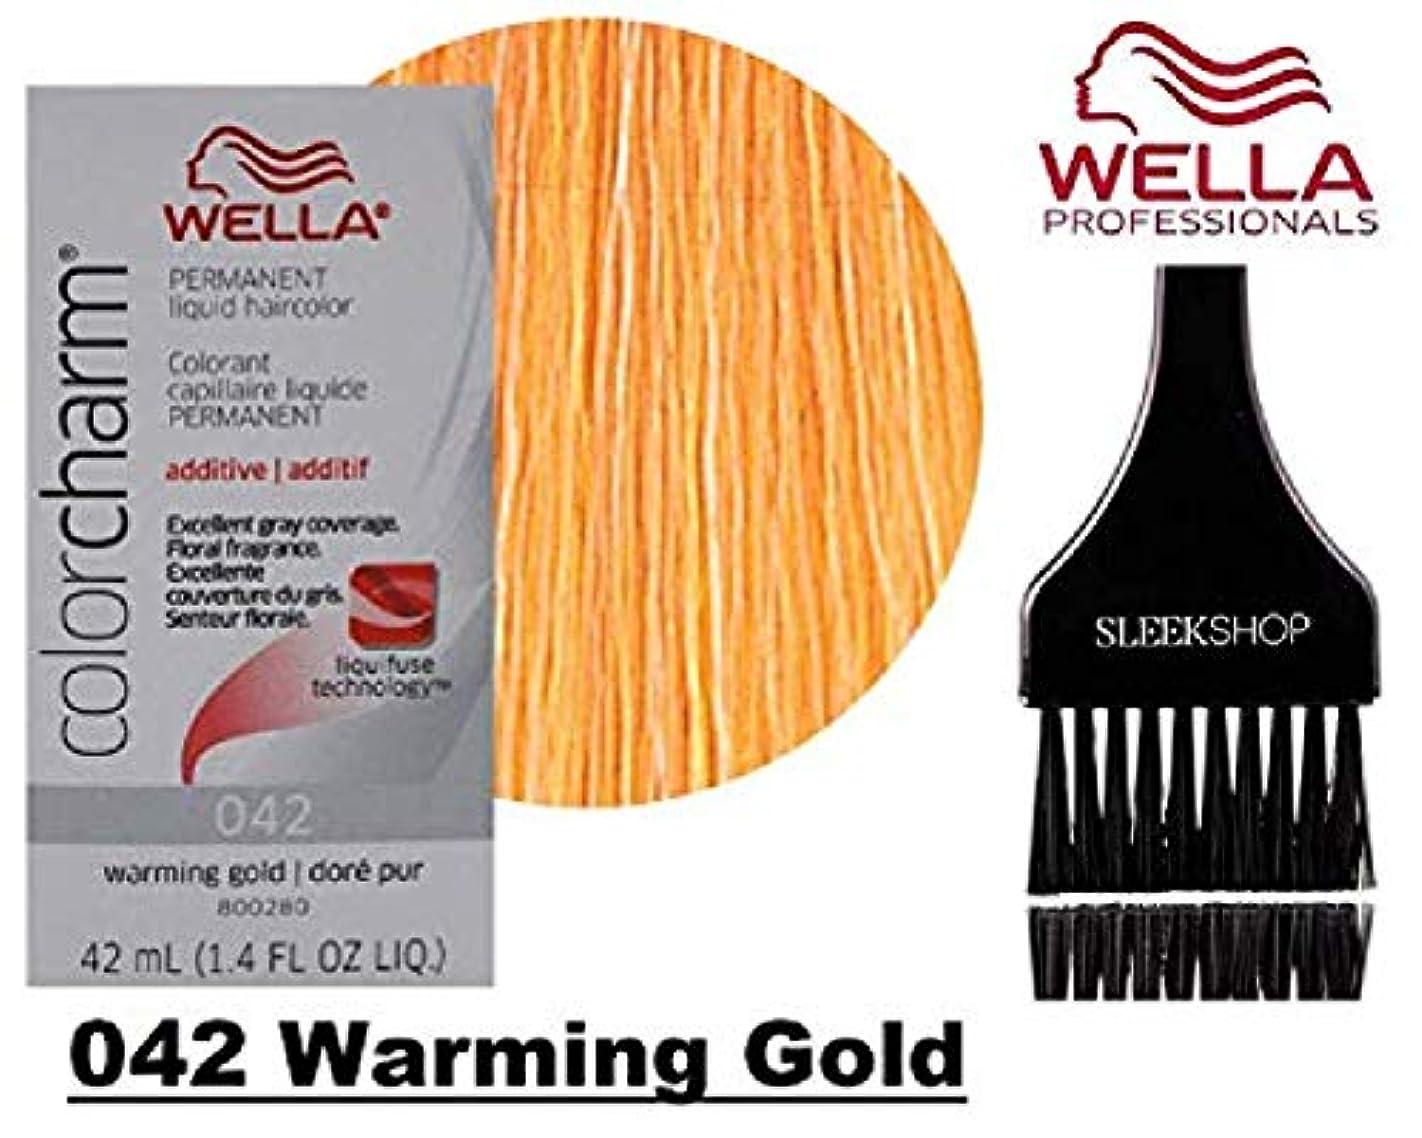 講師ほとんどの場合密輸Coty Wella ウエラカラーチャームパーマネントリキッドヘアカラー(なめらかな色合いブラシ)優れたグレーカバレッジ、花の香り、1:2の混合比ヘアカラー色素 042温暖化ゴールド。